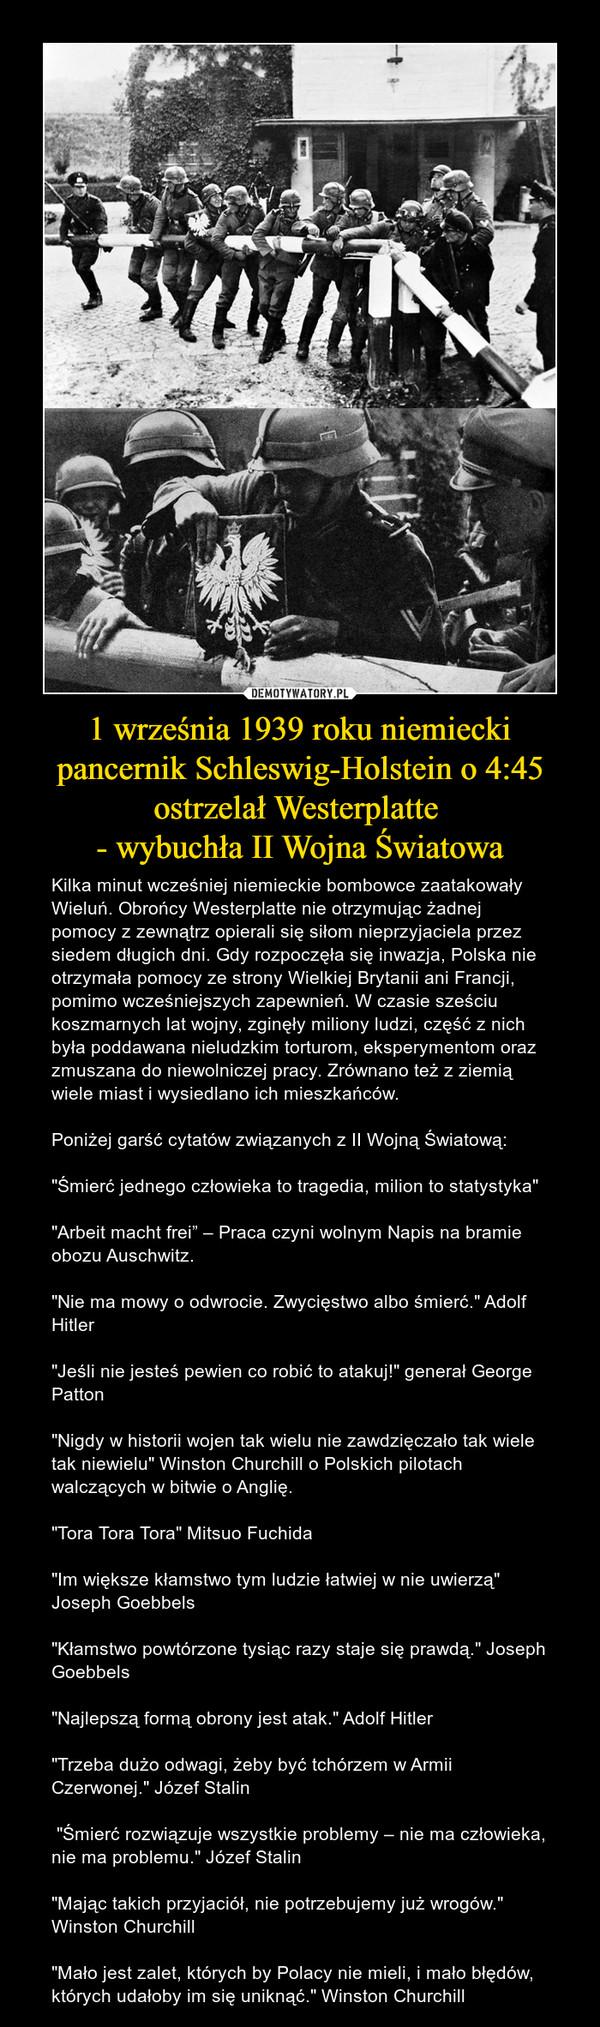 """1 września 1939 roku niemiecki pancernik Schleswig-Holstein o 4:45 ostrzelał Westerplatte - wybuchła II Wojna Światowa – Kilka minut wcześniej niemieckie bombowce zaatakowały Wieluń. Obrońcy Westerplatte nie otrzymując żadnej pomocy z zewnątrz opierali się siłom nieprzyjaciela przez siedem długich dni. Gdy rozpoczęła się inwazja, Polska nie otrzymała pomocy ze strony Wielkiej Brytanii ani Francji, pomimo wcześniejszych zapewnień. W czasie sześciu koszmarnych lat wojny, zginęły miliony ludzi, część z nich była poddawana nieludzkim torturom, eksperymentom oraz zmuszana do niewolniczej pracy. Zrównano też z ziemią wiele miast i wysiedlano ich mieszkańców.Poniżej garść cytatów związanych z II Wojną Światową:""""Śmierć jednego człowieka to tragedia, milion to statystyka""""""""Arbeit macht frei"""" – Praca czyni wolnym Napis na bramie obozu Auschwitz.""""Nie ma mowy o odwrocie. Zwycięstwo albo śmierć."""" Adolf Hitler""""Jeśli nie jesteś pewien co robić to atakuj!"""" generał George Patton""""Nigdy w historii wojen tak wielu nie zawdzięczało tak wiele tak niewielu"""" Winston Churchill o Polskich pilotach walczących w bitwie o Anglię.""""Tora Tora Tora"""" Mitsuo Fuchida""""Im większe kłamstwo tym ludzie łatwiej w nie uwierzą"""" Joseph Goebbels""""Kłamstwo powtórzone tysiąc razy staje się prawdą."""" Joseph Goebbels""""Najlepszą formą obrony jest atak."""" Adolf Hitler""""Trzeba dużo odwagi, żeby być tchórzem w Armii Czerwonej."""" Józef Stalin """"Śmierć rozwiązuje wszystkie problemy – nie ma człowieka, nie ma problemu."""" Józef Stalin""""Mając takich przyjaciół, nie potrzebujemy już wrogów."""" Winston Churchill""""Mało jest zalet, których by Polacy nie mieli, i mało błędów, których udałoby im się uniknąć."""" Winston Churchill"""